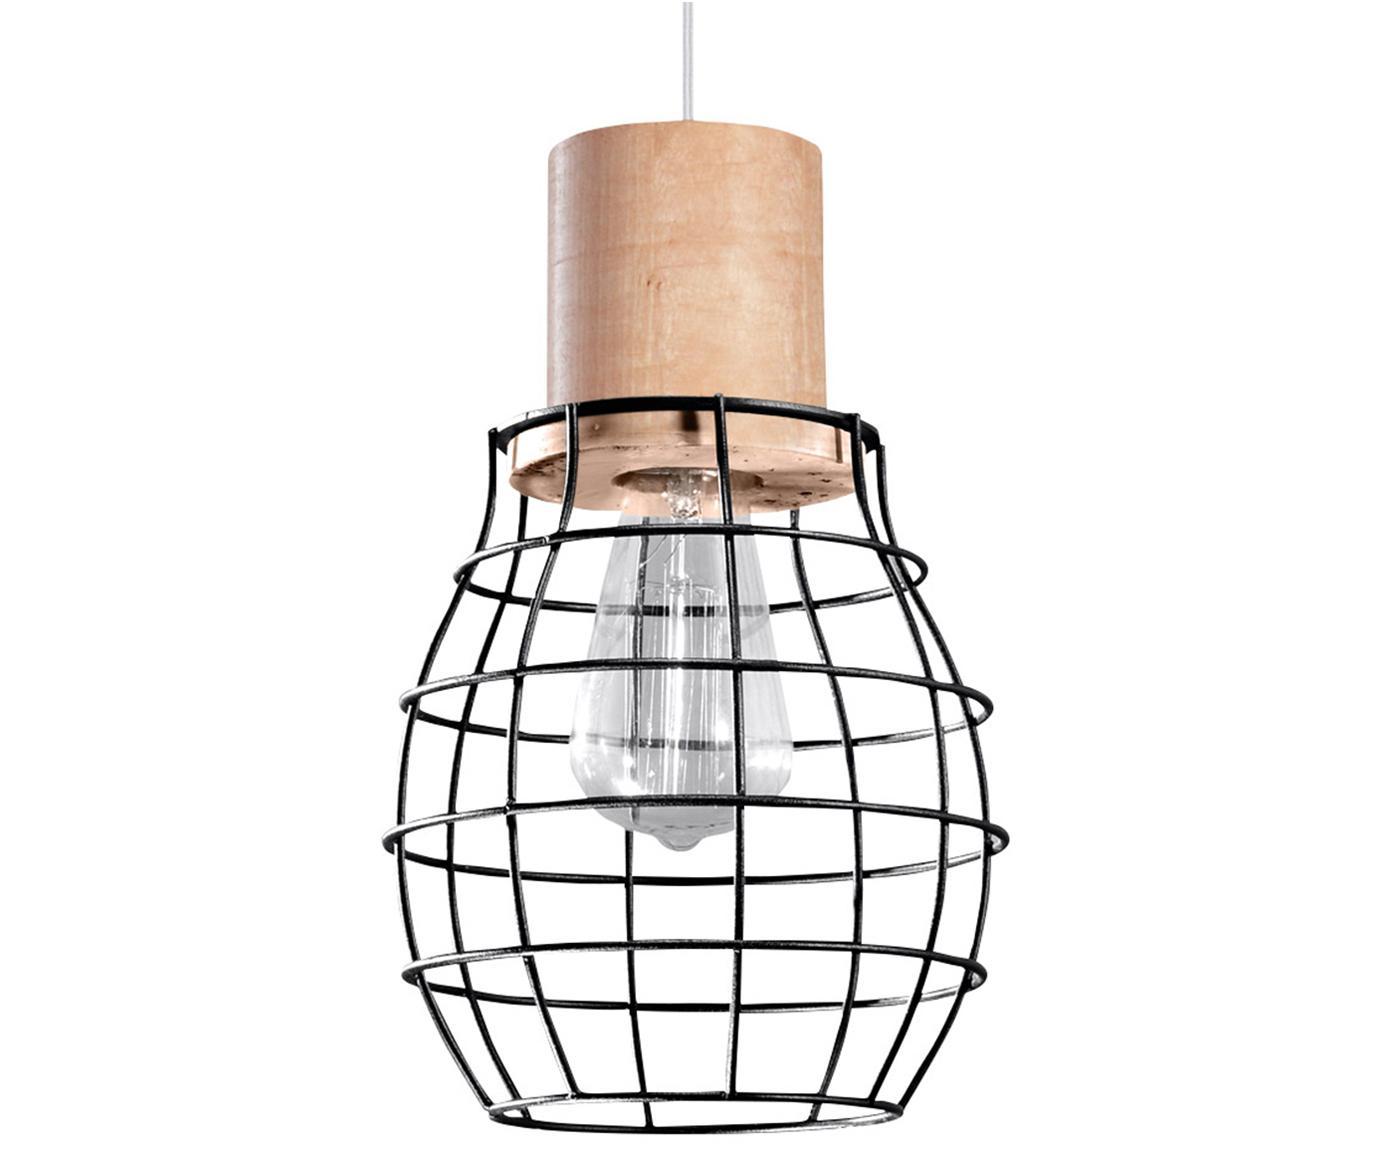 Lampa wisząca Biella, Stal, drewno, Czarny, jasnobrązowy, Ø 19 x W 100 cm